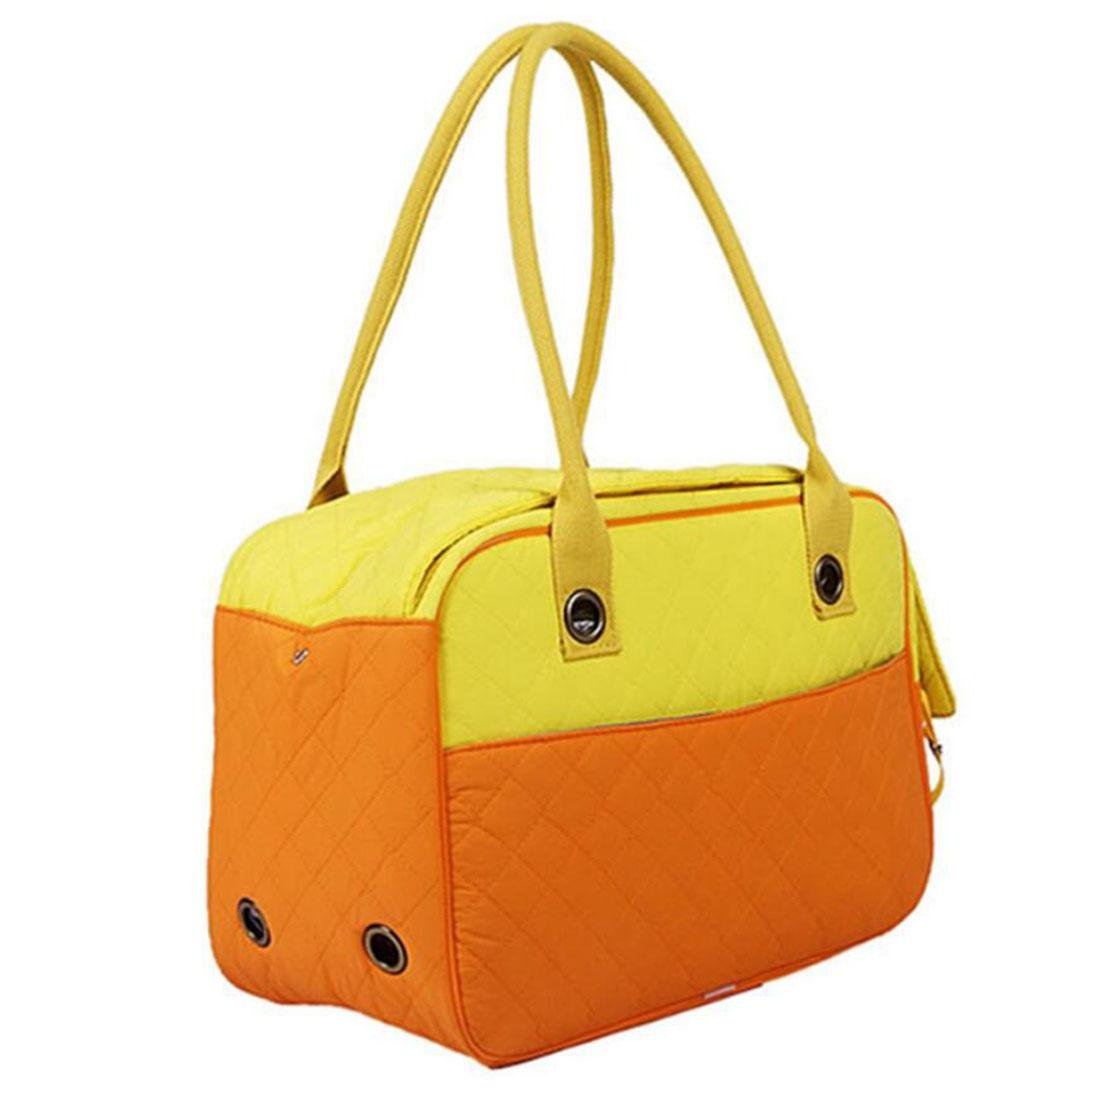 LVRXJP Pet Carrier Tote Bag Dog Carrier Soft Sided Cat Dog Handbag Hand bag Black White, l